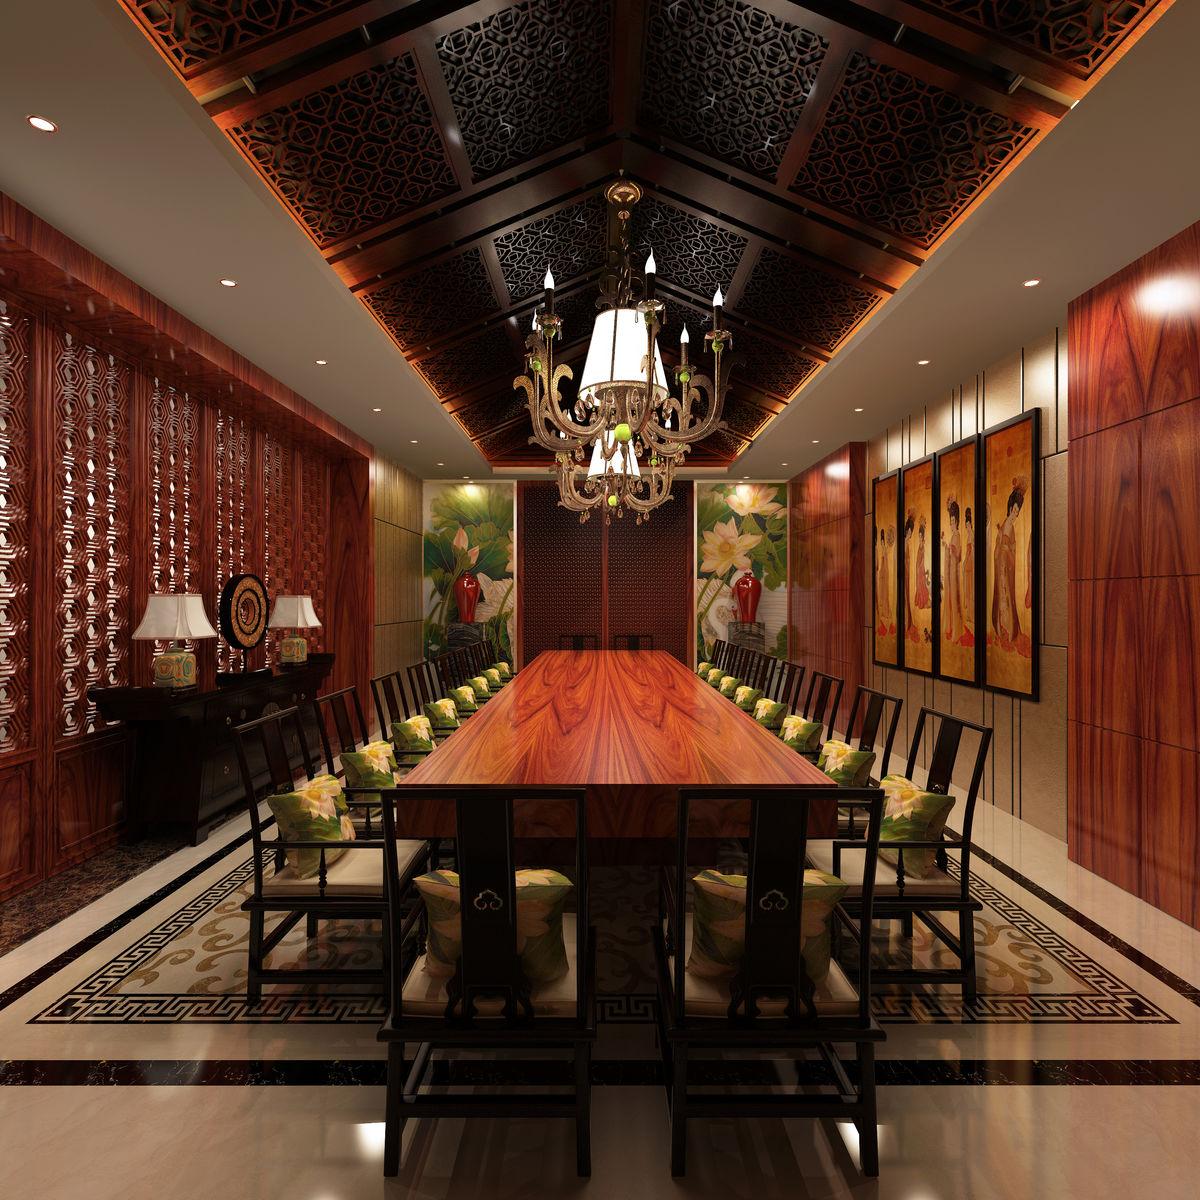 豪华包房,中式包房,中式餐厅,大板包房,古典包房,中式装修,包房吊顶图片